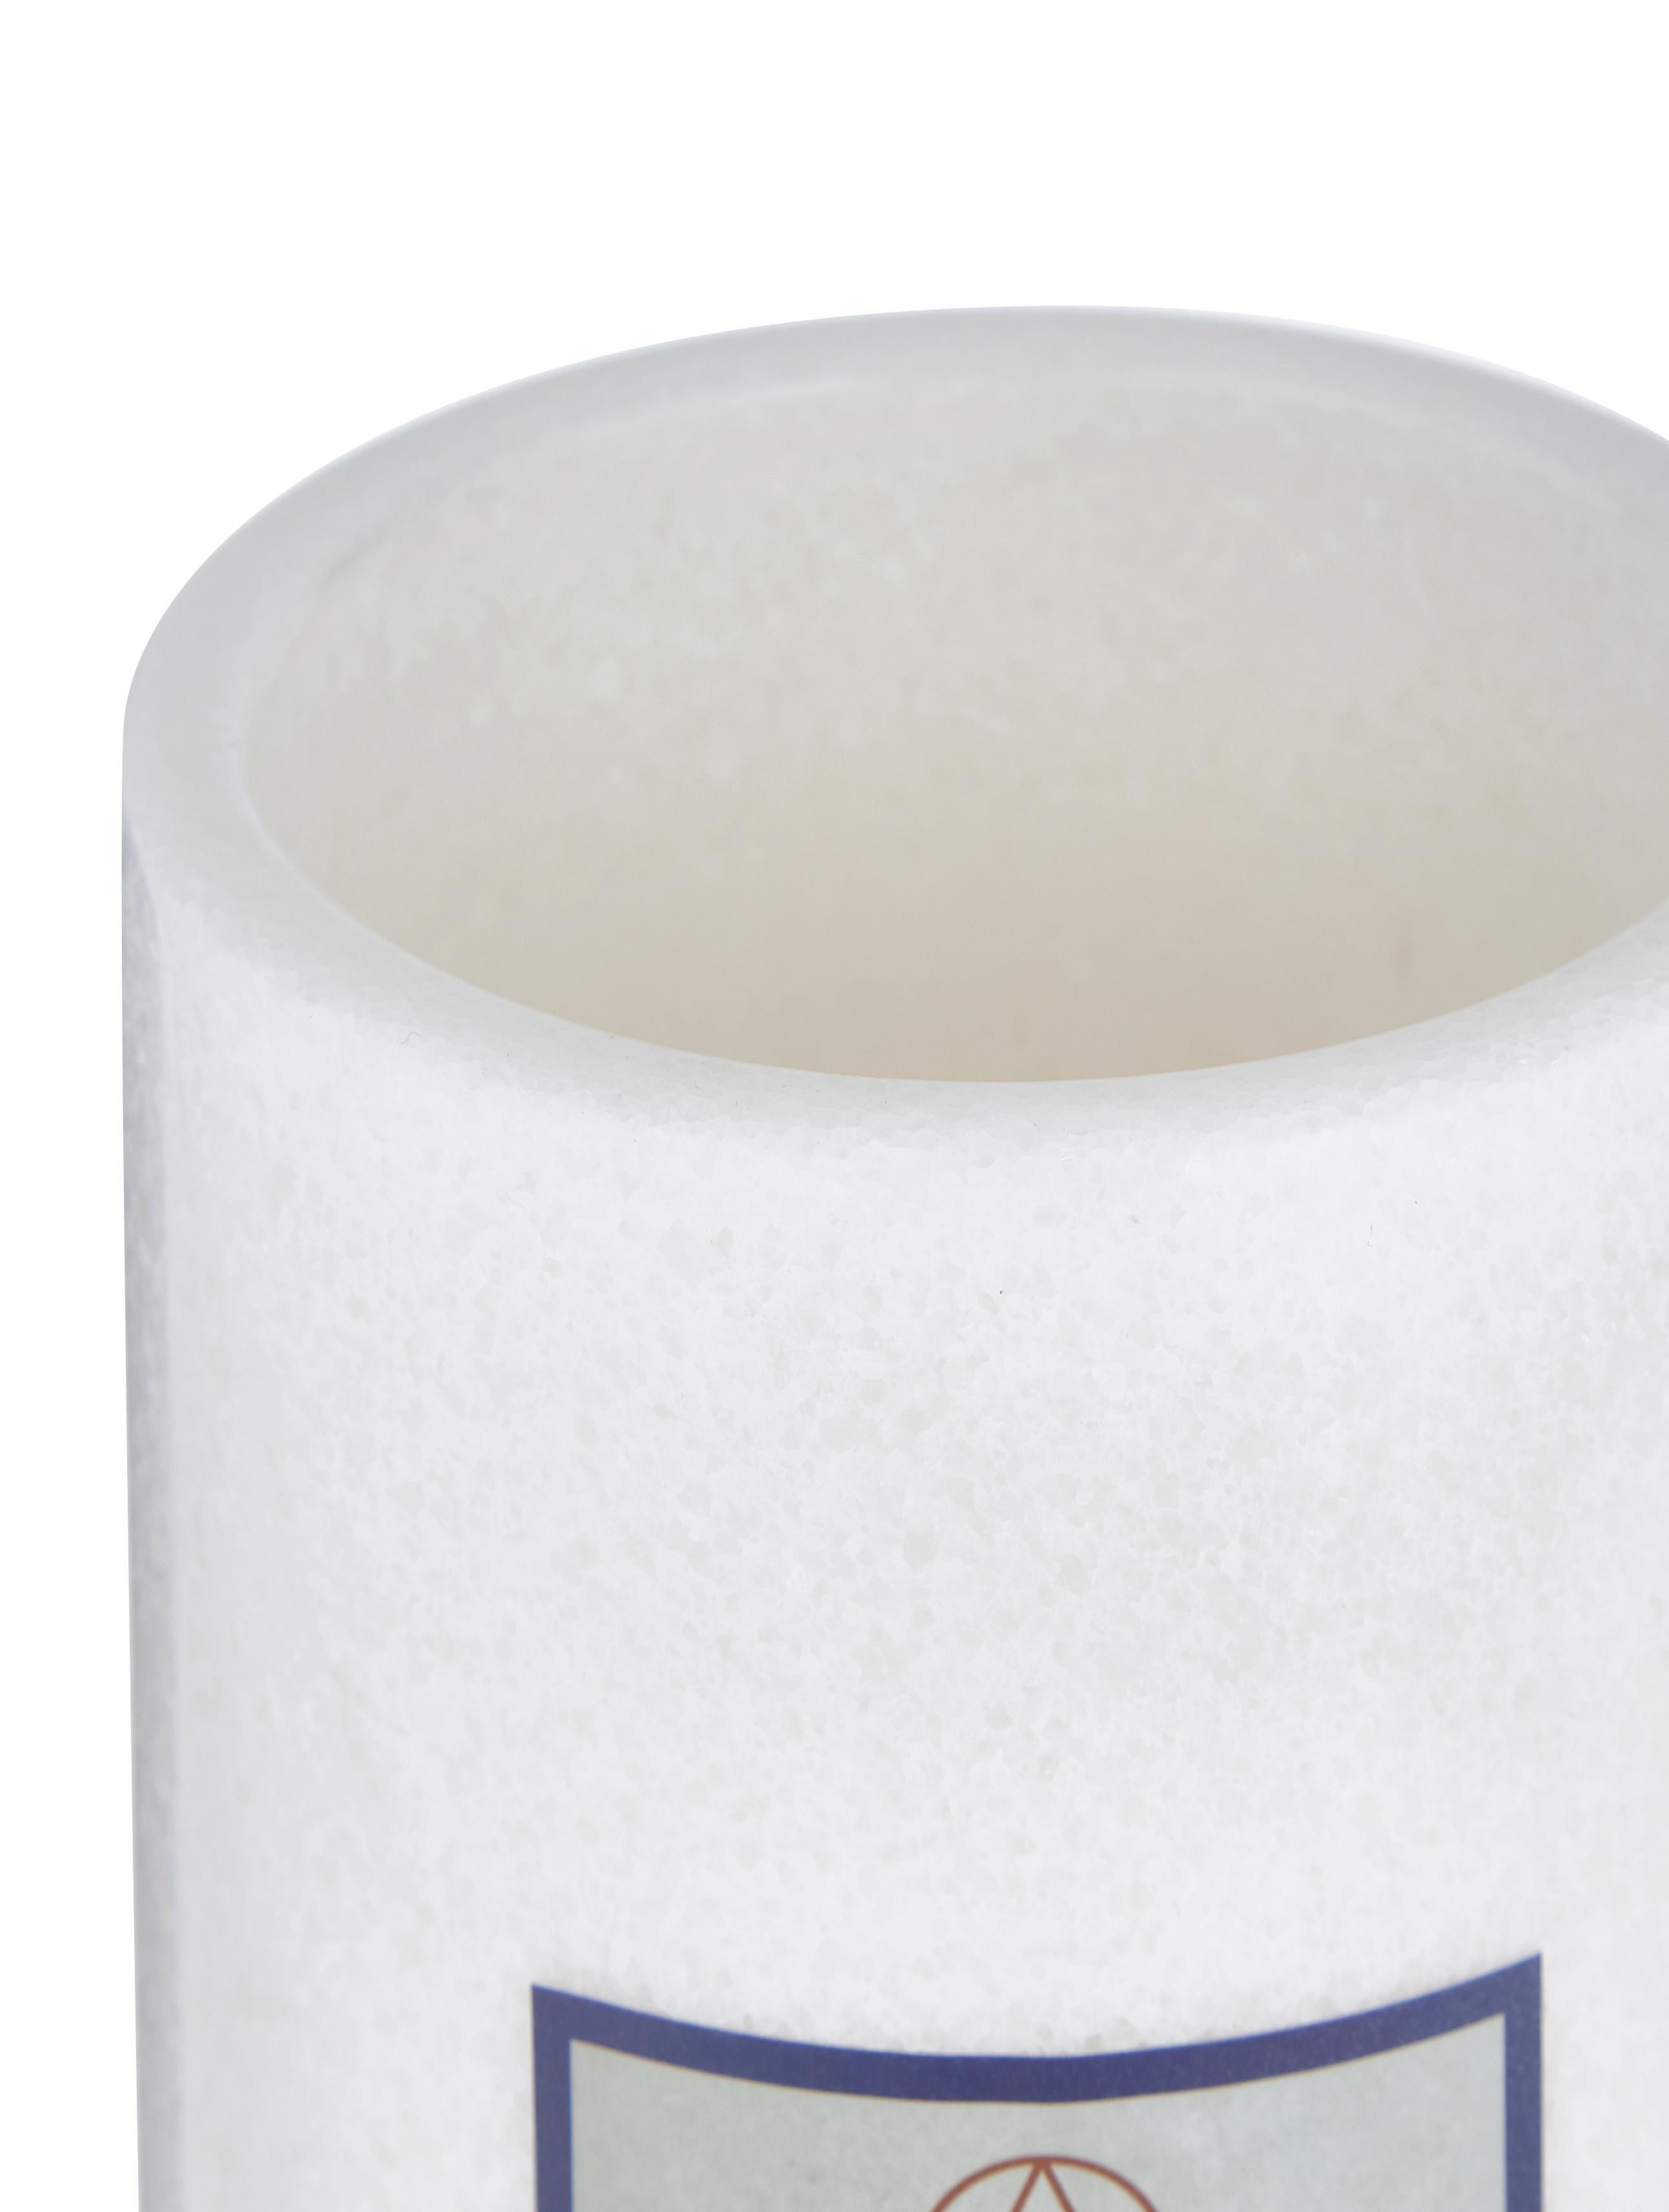 Marmor-Flaschenkühler Charlie, Marmor, Weiss, marmoriert, Ø 12 x H 19 cm